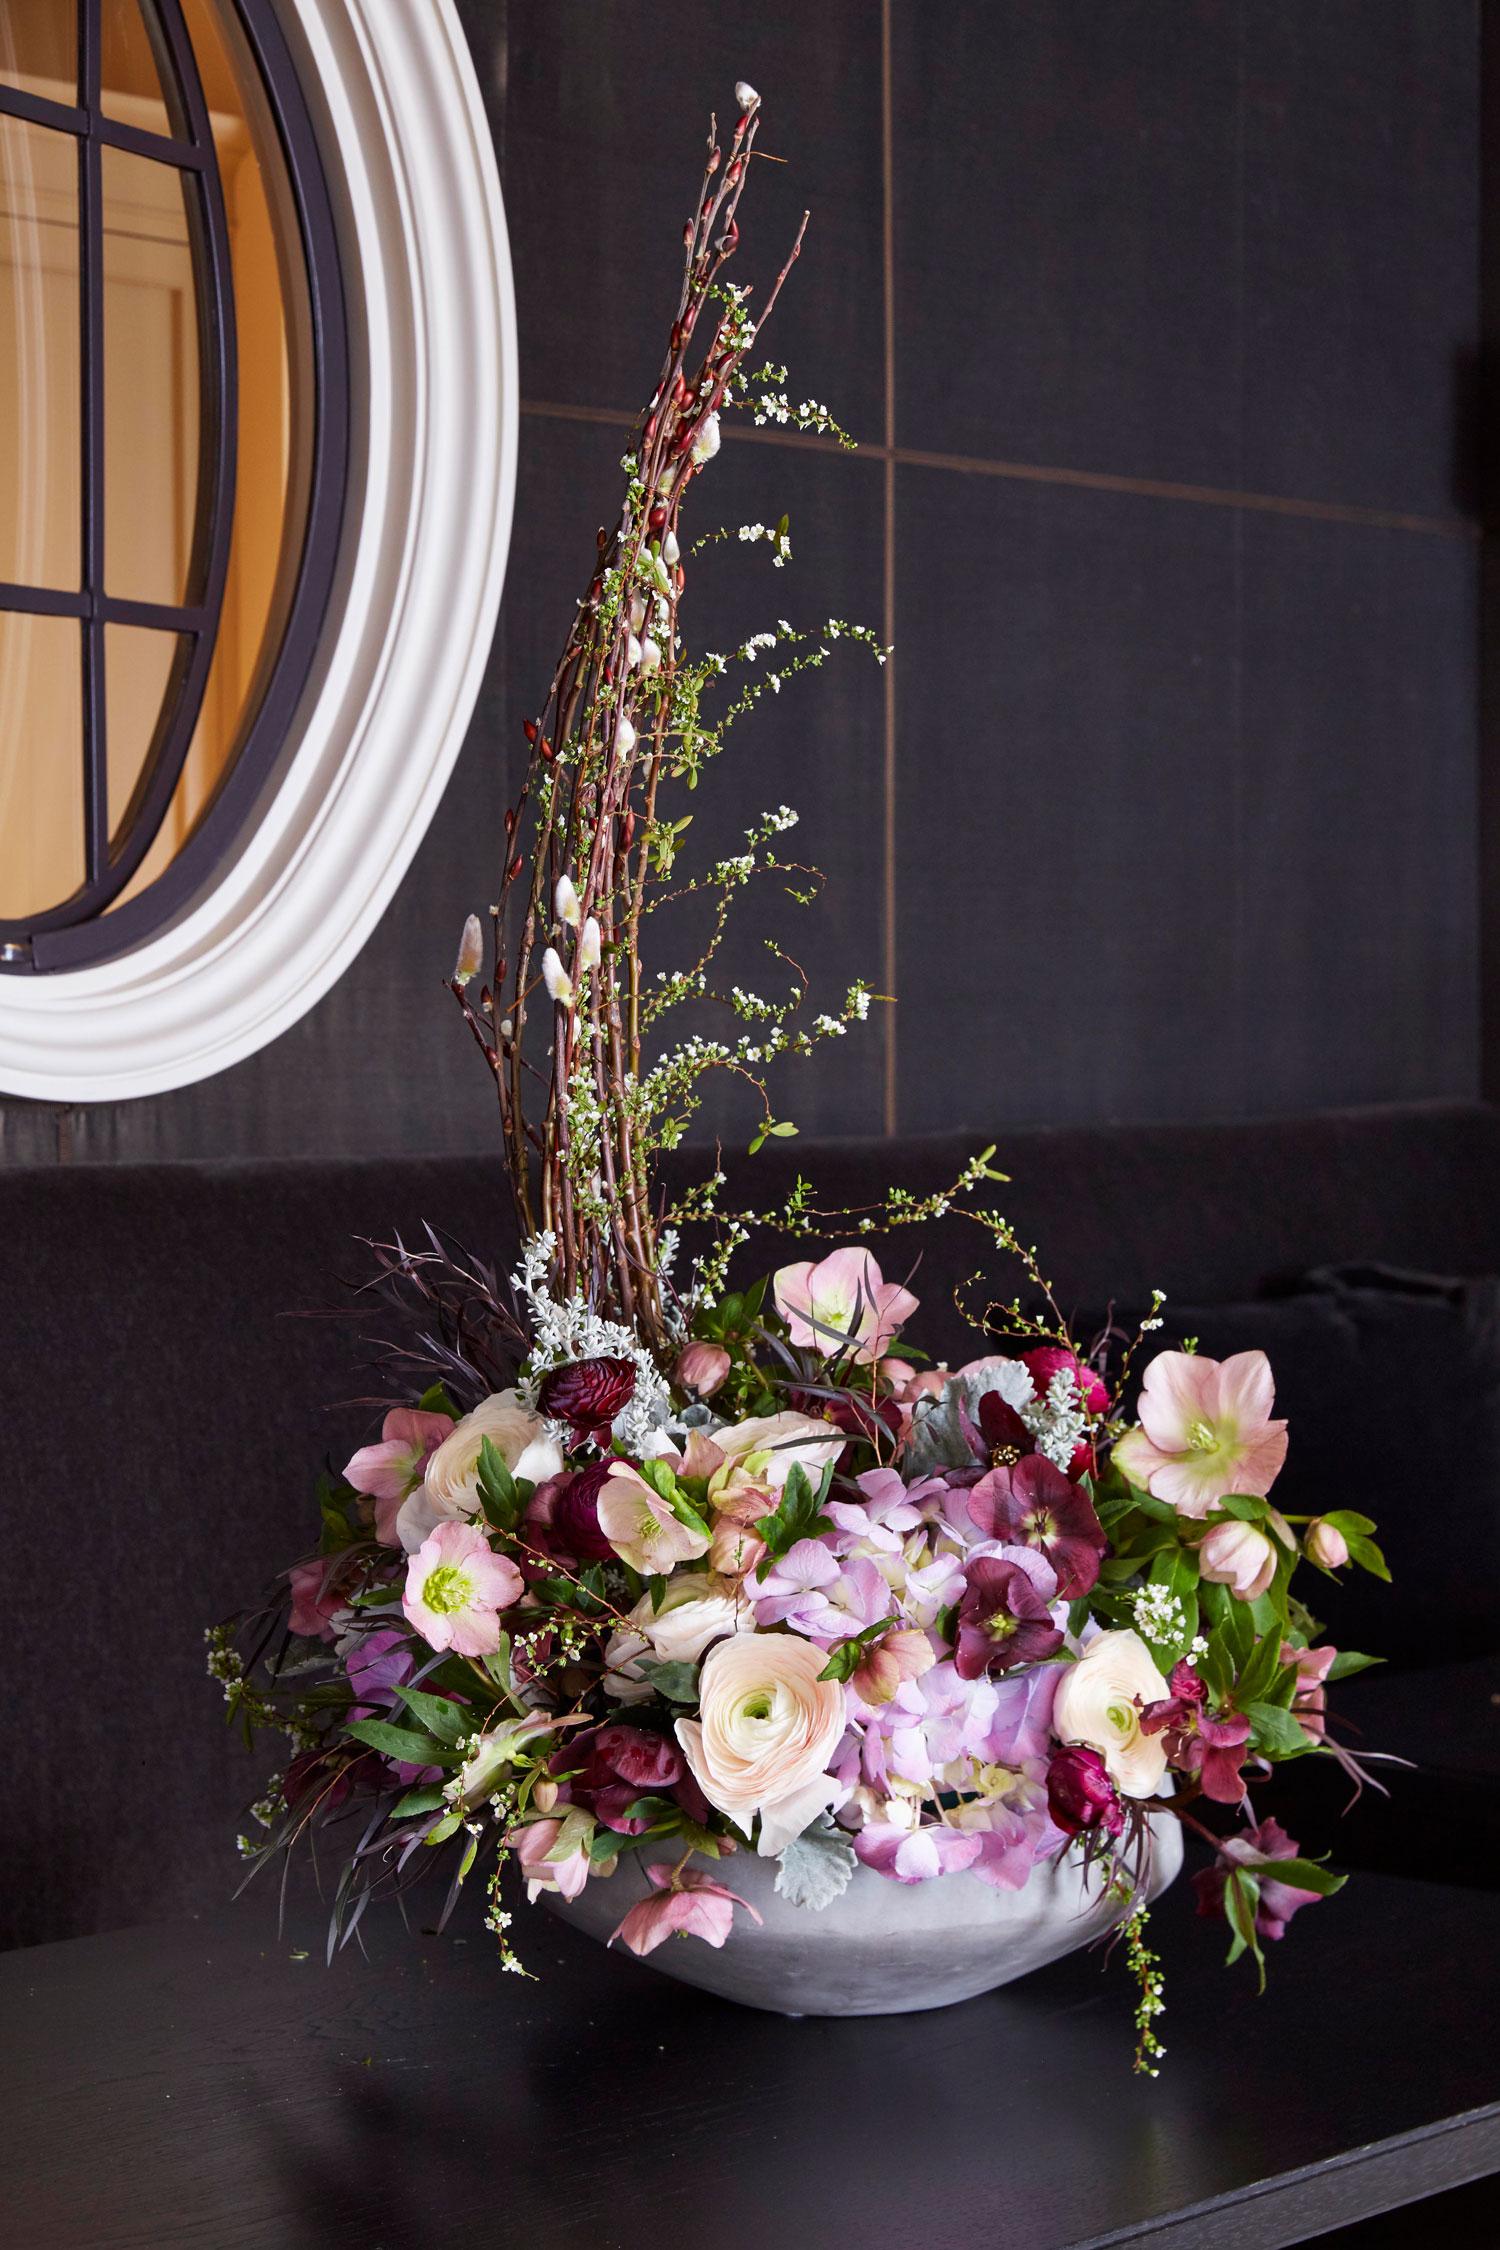 MBS-Floral-04-Web.jpg